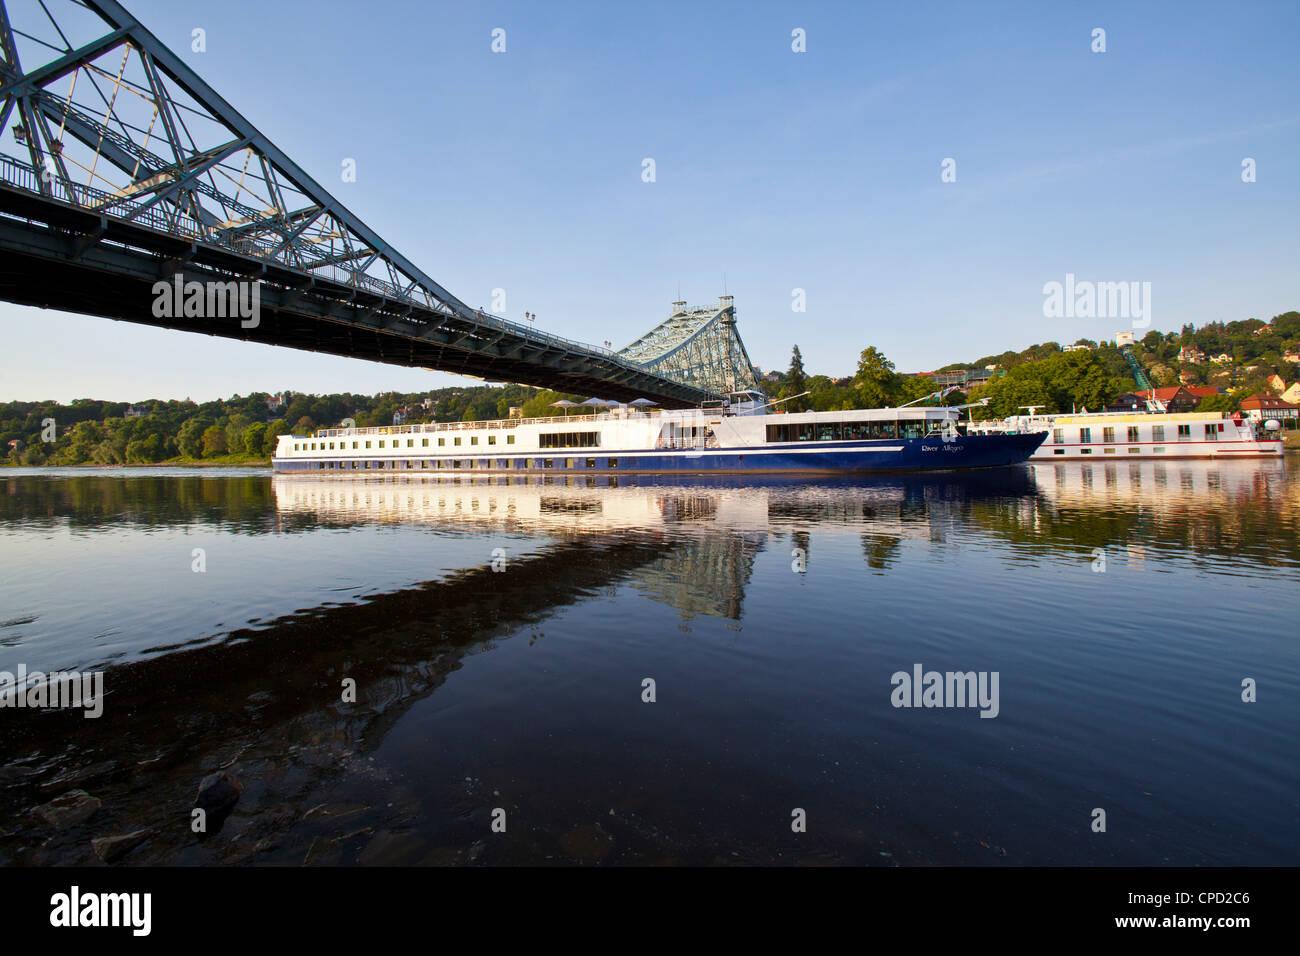 La nave di crociera al di sotto di un ponte sul fiume Elba vicino a Dresda, Sassonia, Germania, Europa Immagini Stock